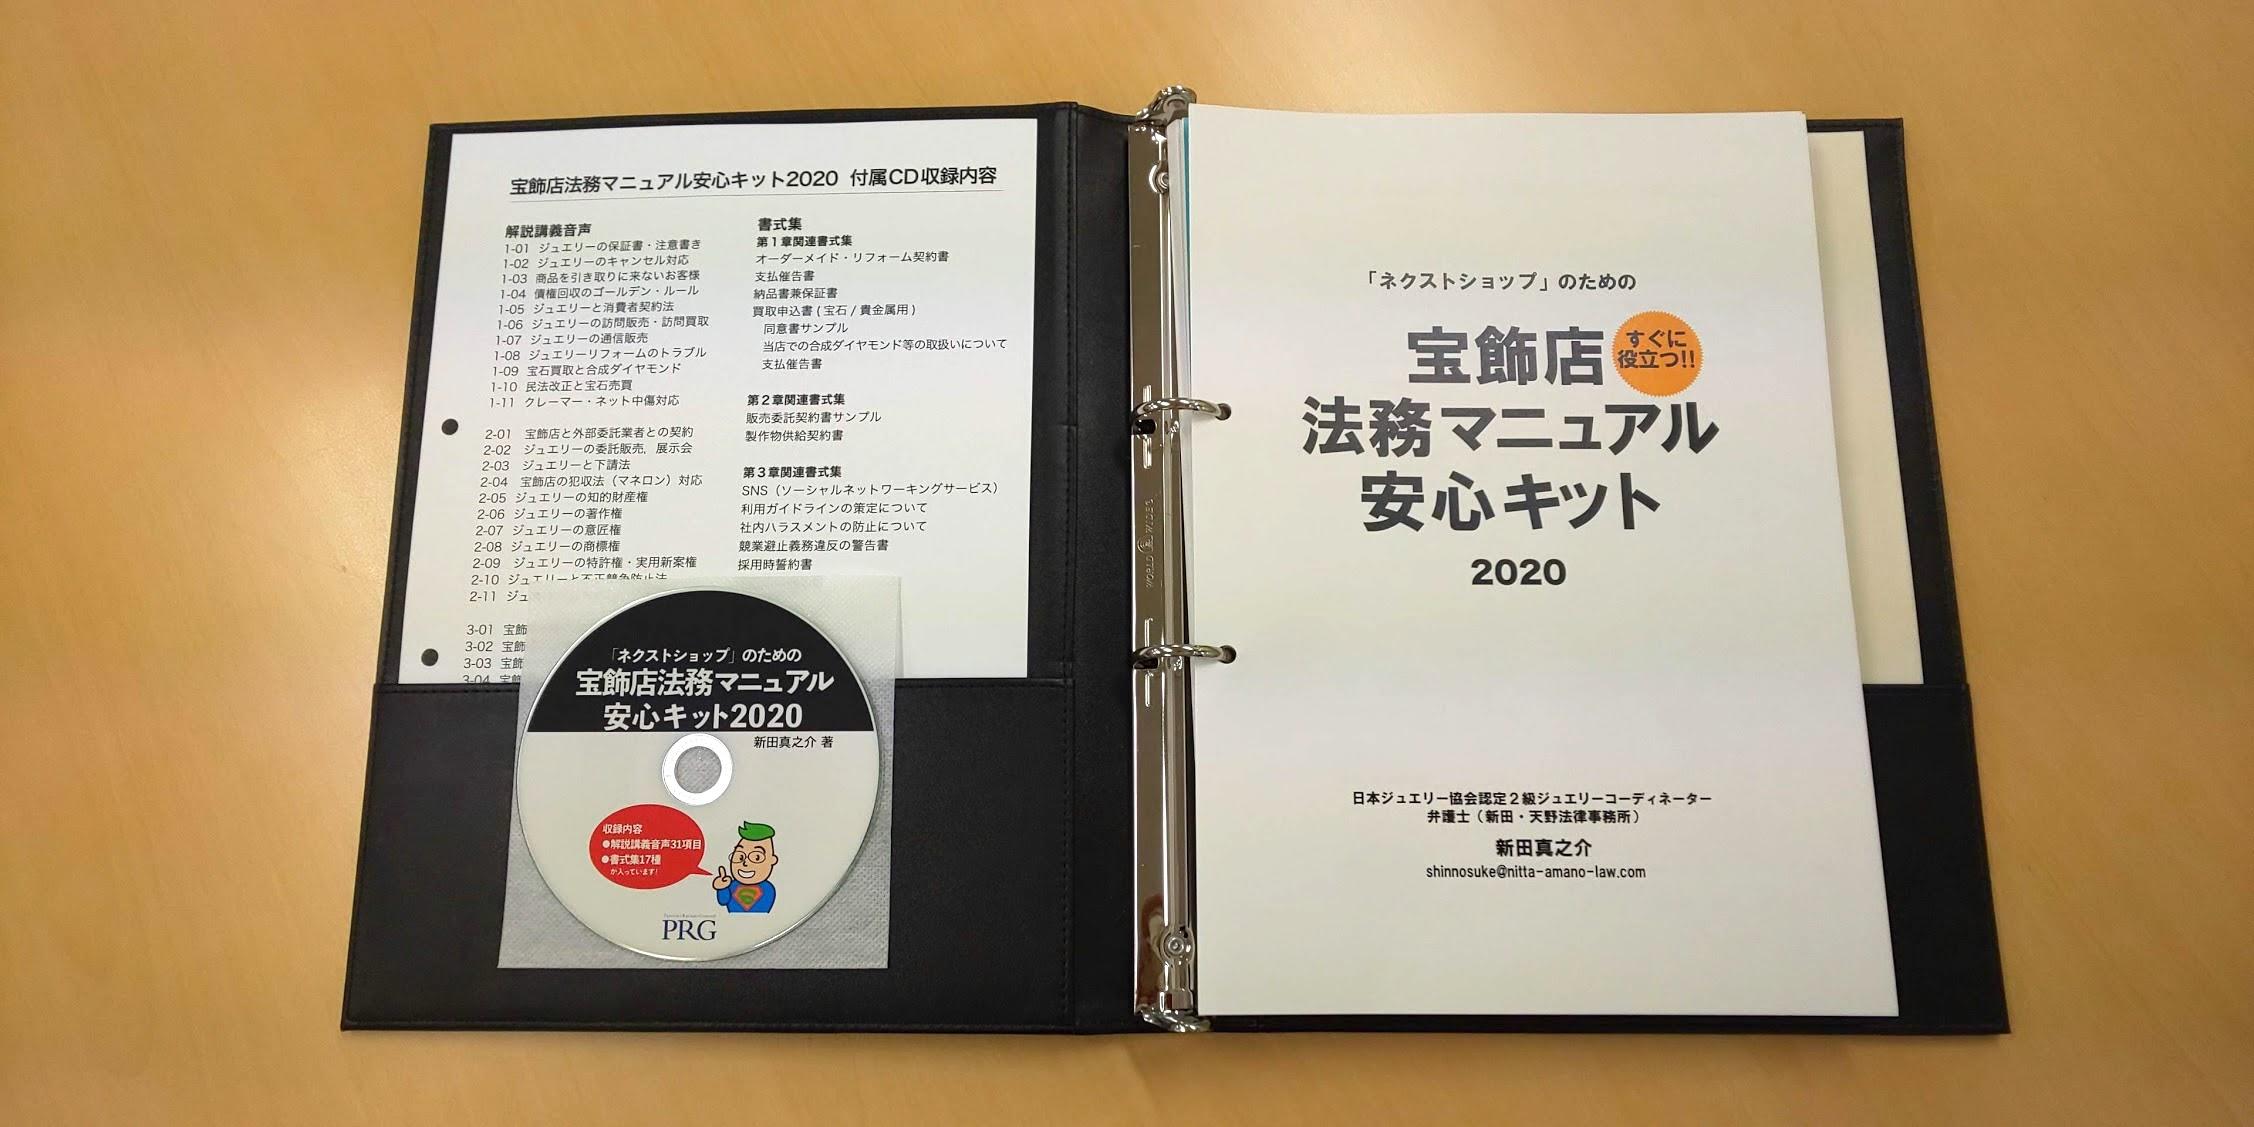 宝飾店法務マニュアル1